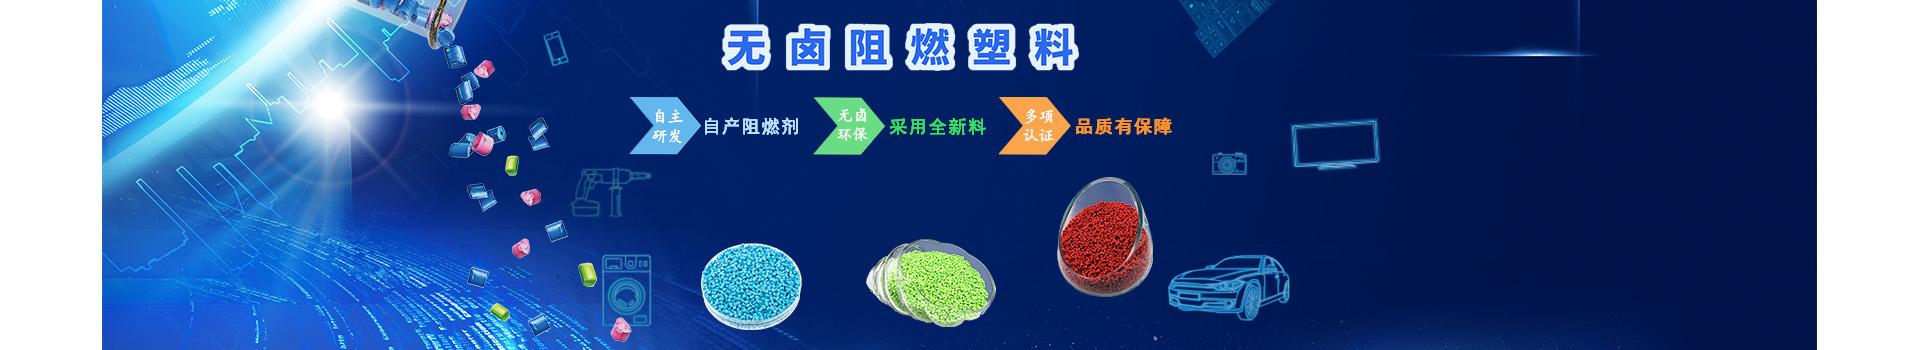 阻燃工程塑料频道banner